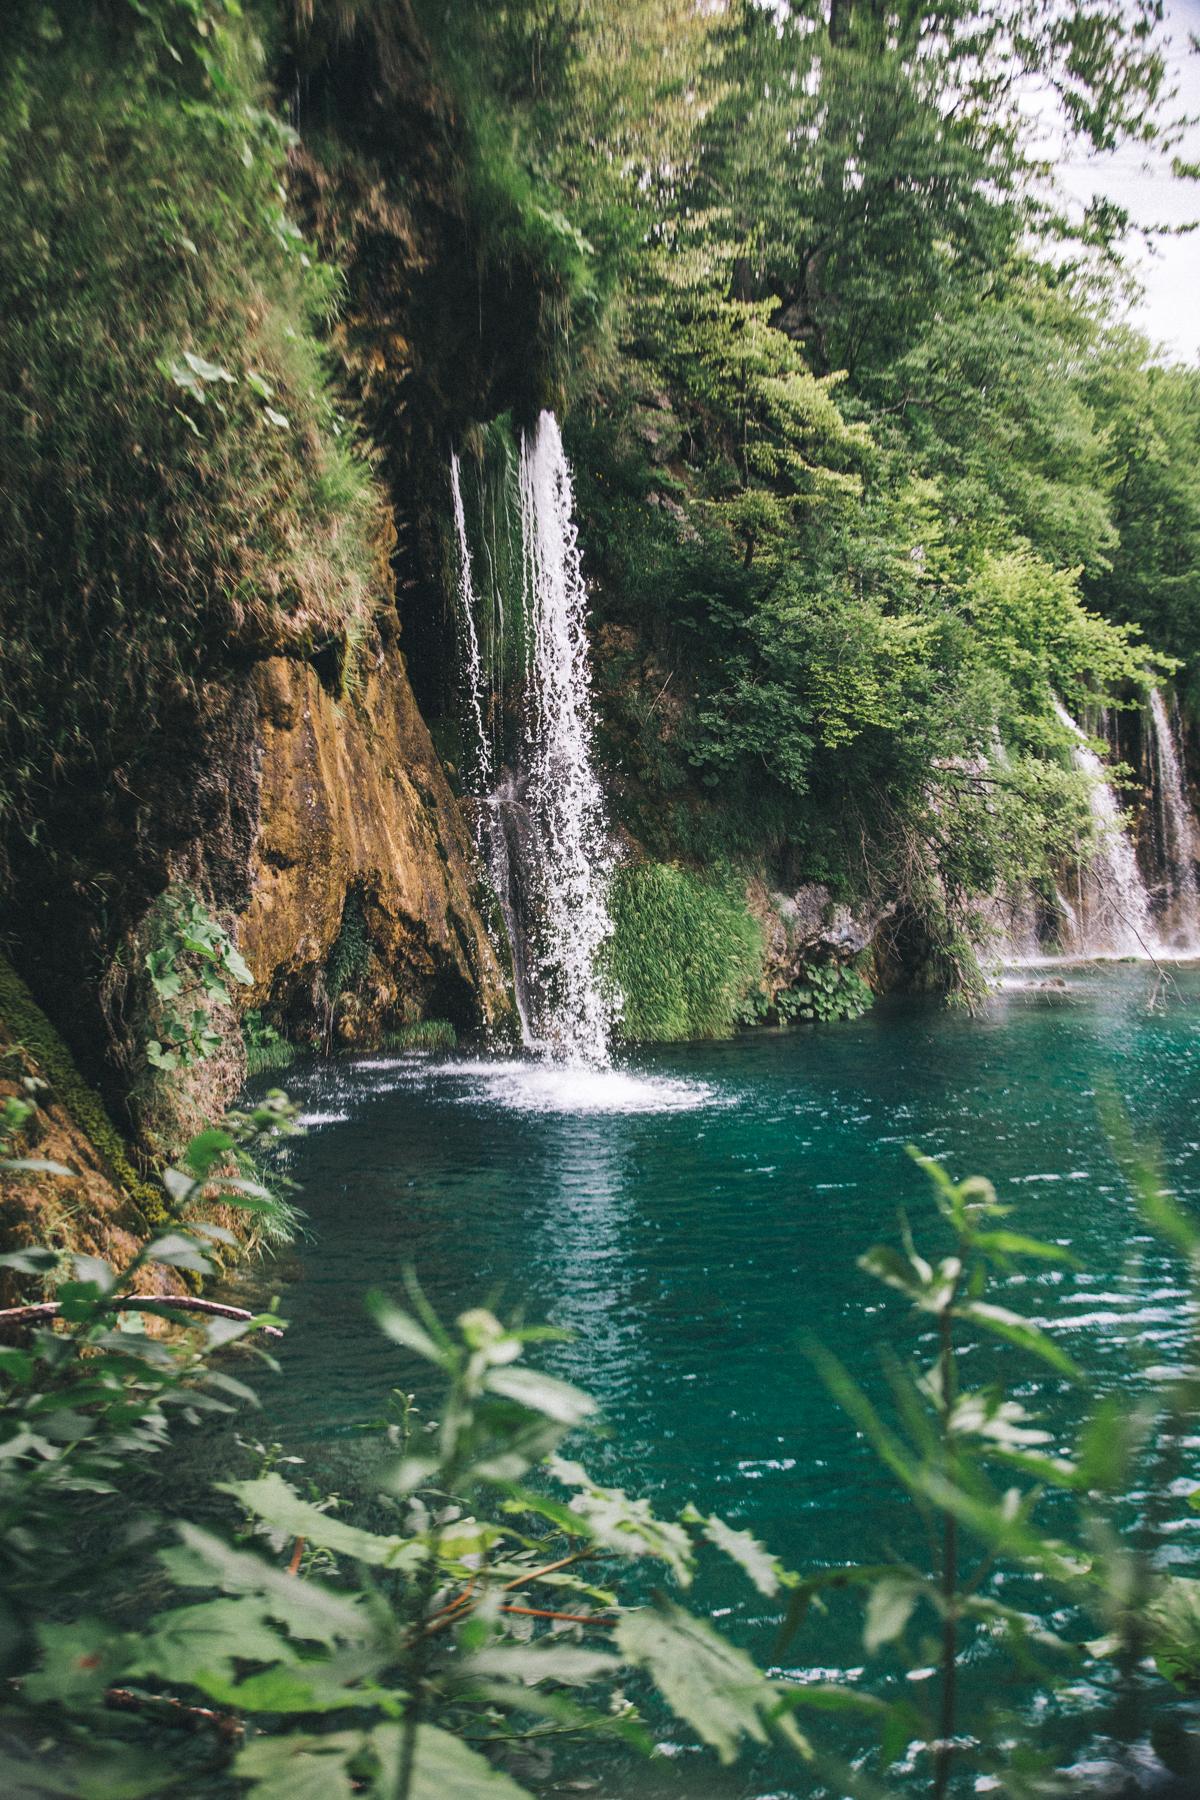 plitvice national park kokemuksia-13